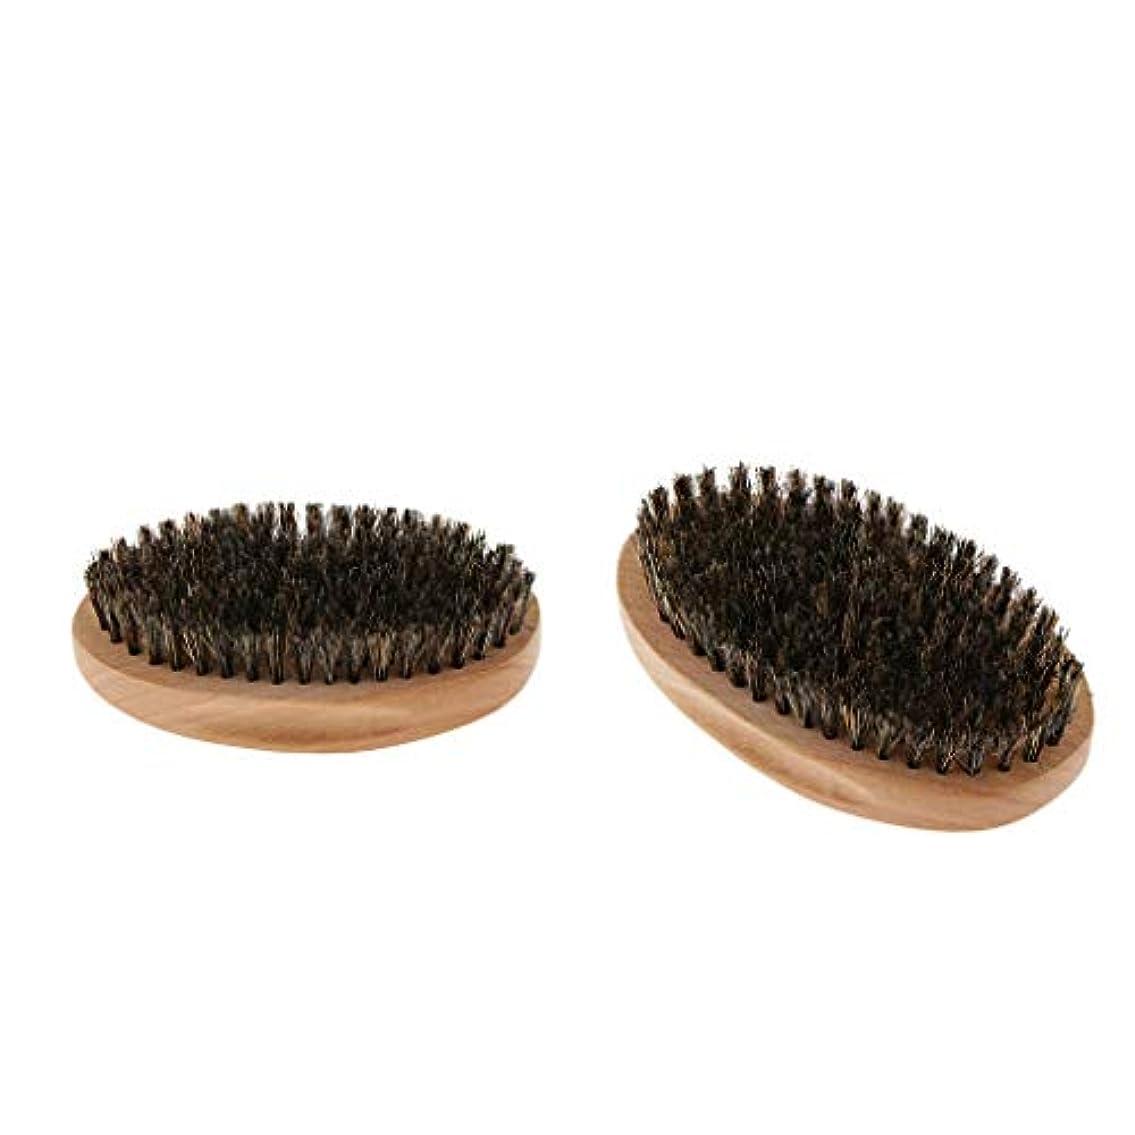 グループ記憶ブローホールひげブラシ 剛毛ブラシ 楕円形 ヘアスタイリングブラシ 約12 x 6.5 x 3.2 cm